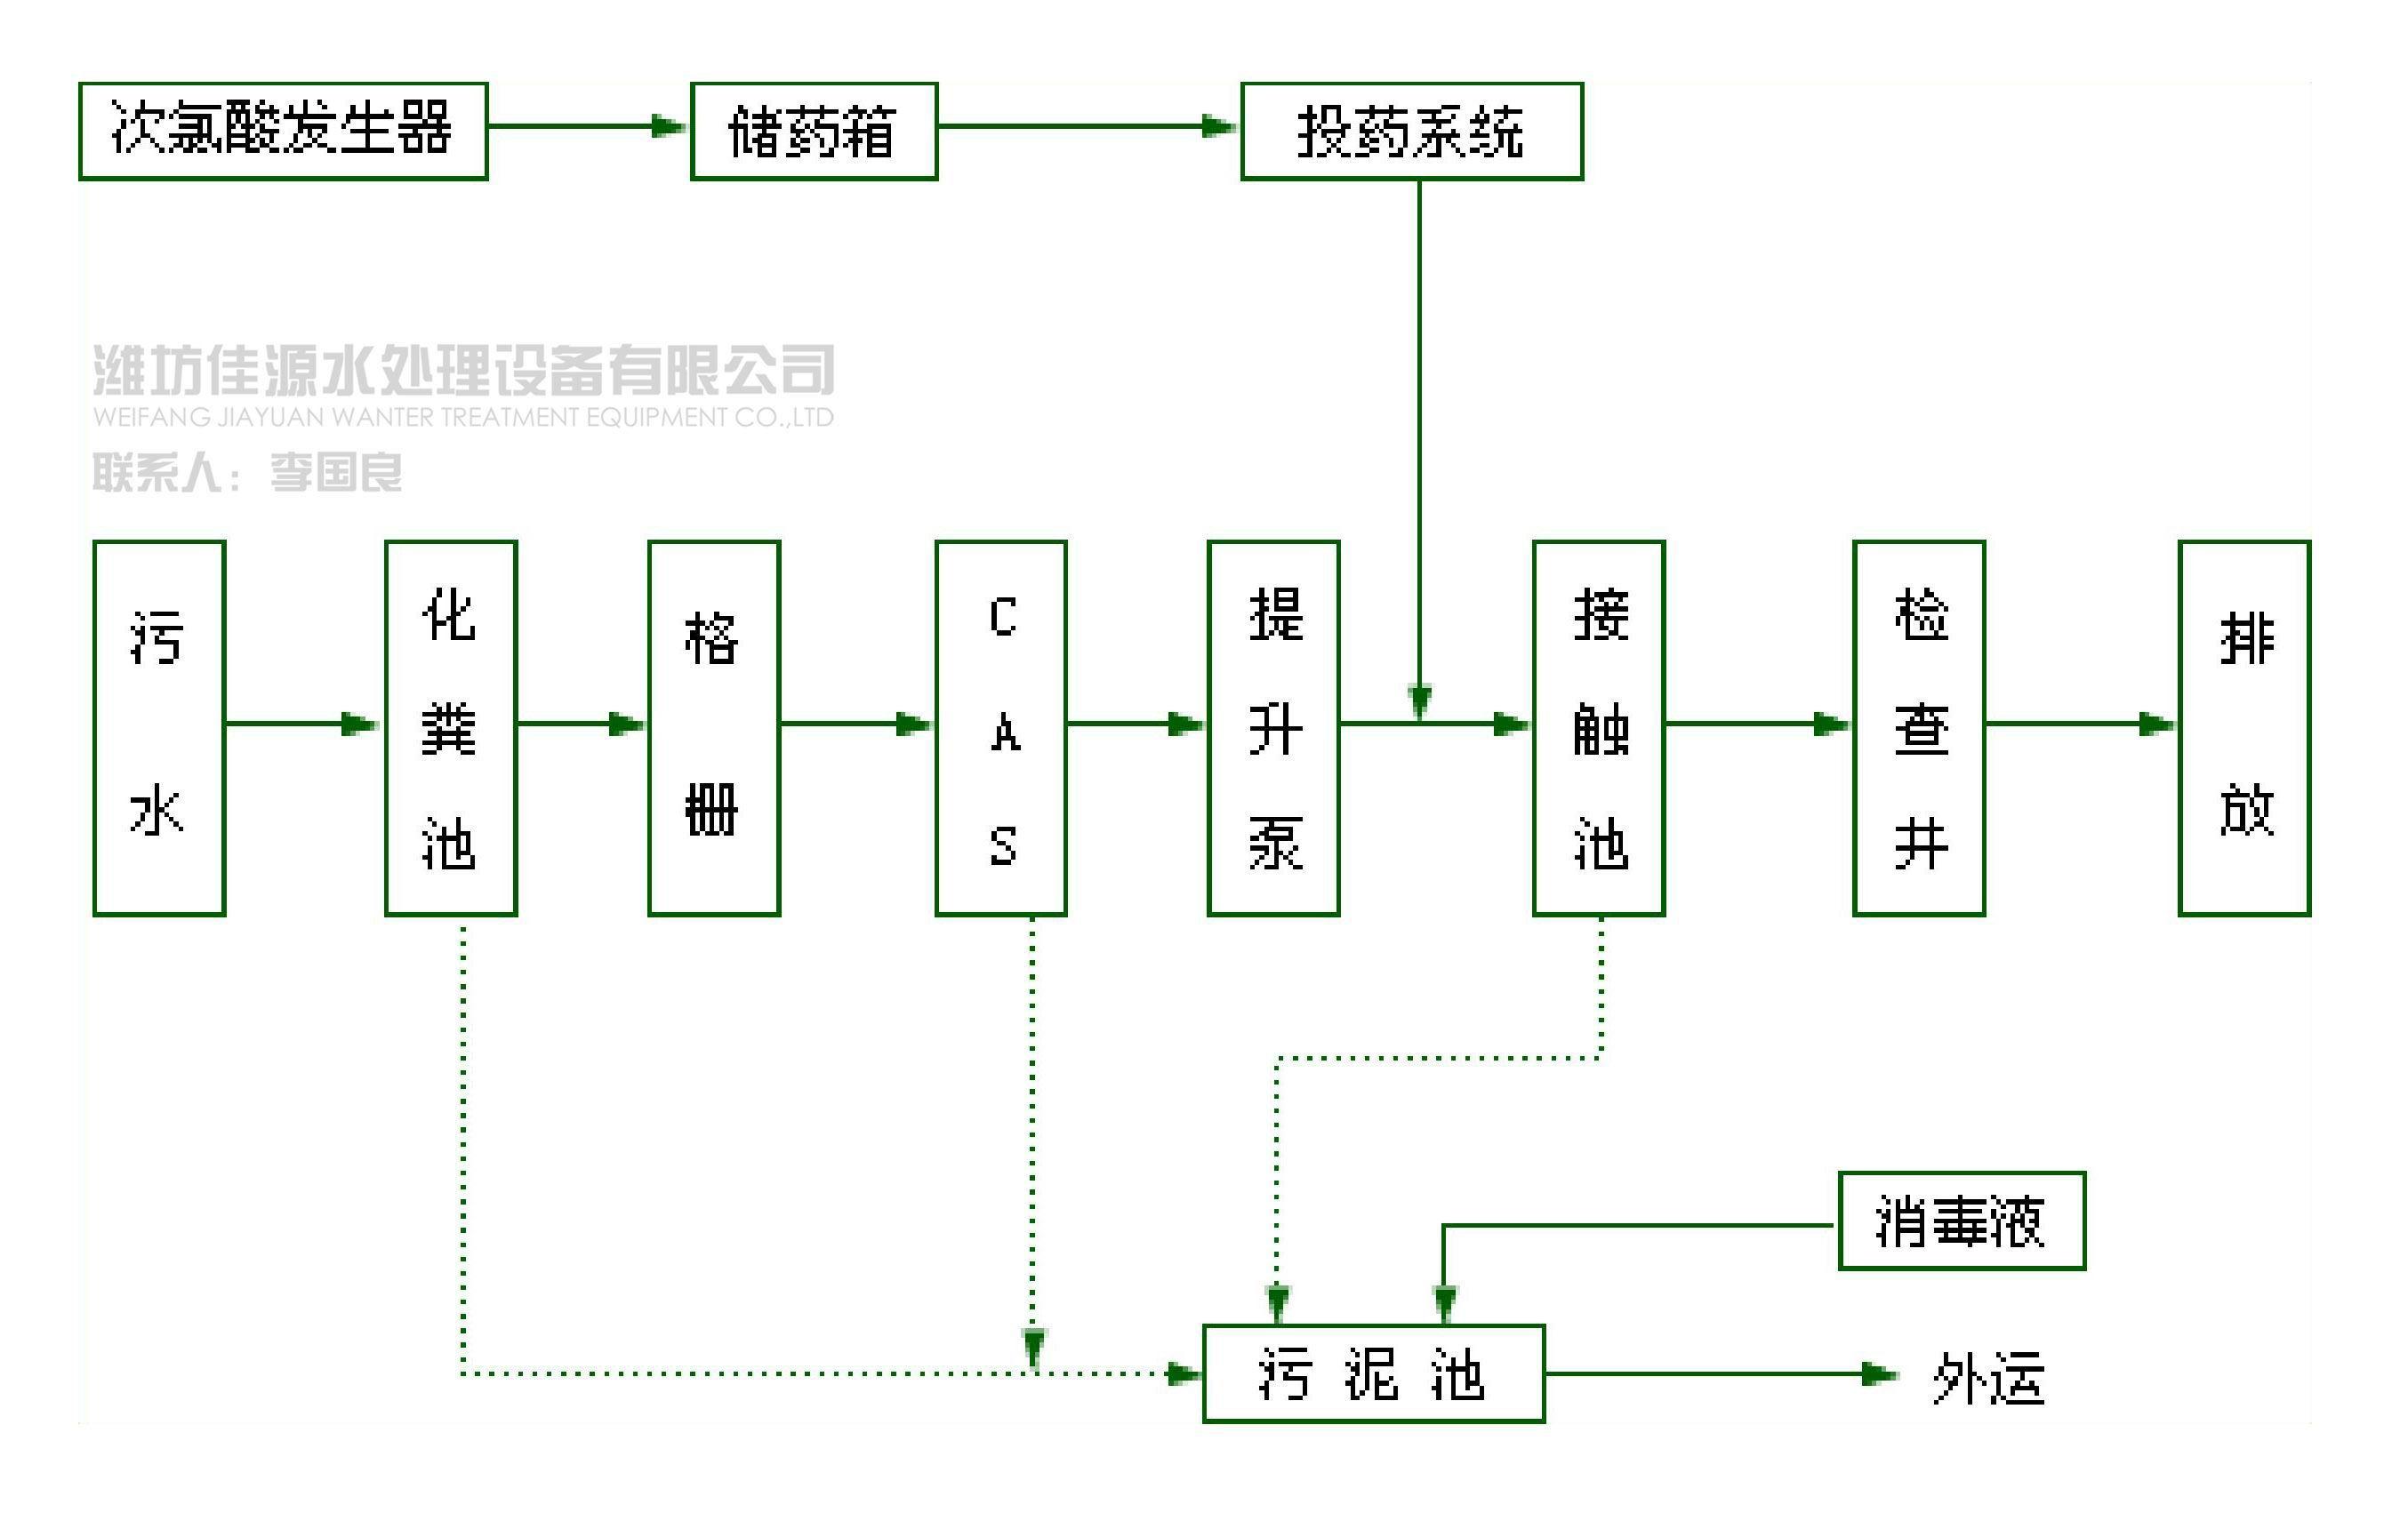 医院污水二级处理工艺流程图